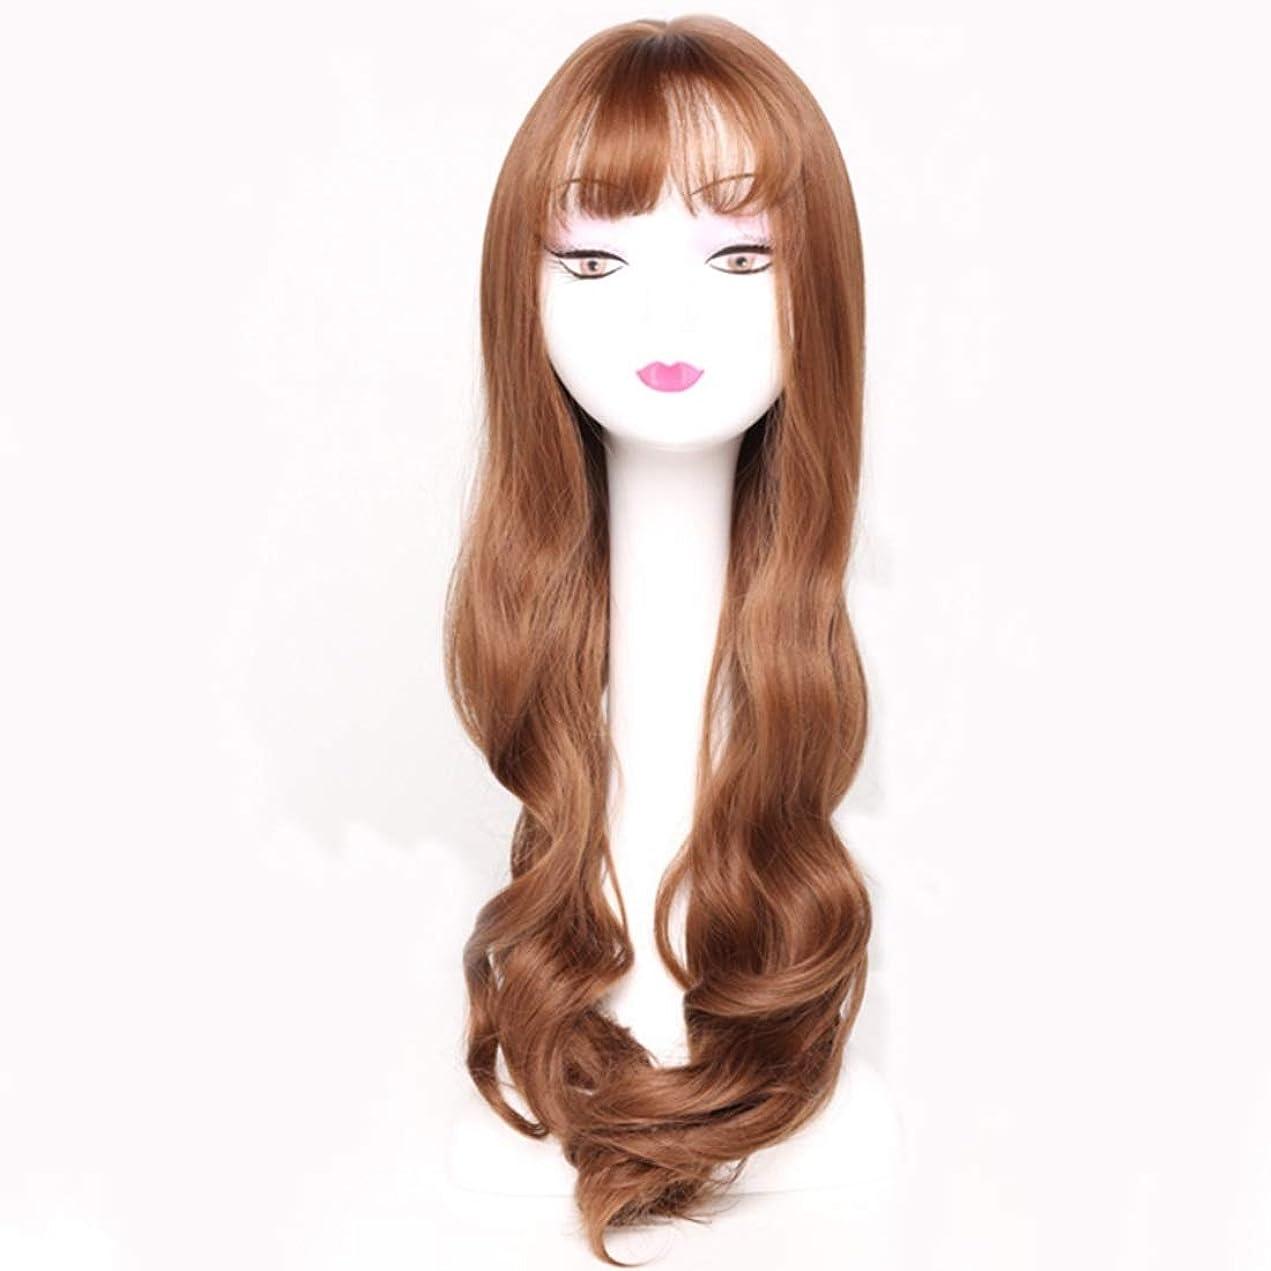 ガレージ眉をひそめる衣装Kerwinner レディースウィッグカーリー合成かつら前髪合成耐熱女性ヘアスタイルカスタムコスプレパーティーウィッグ